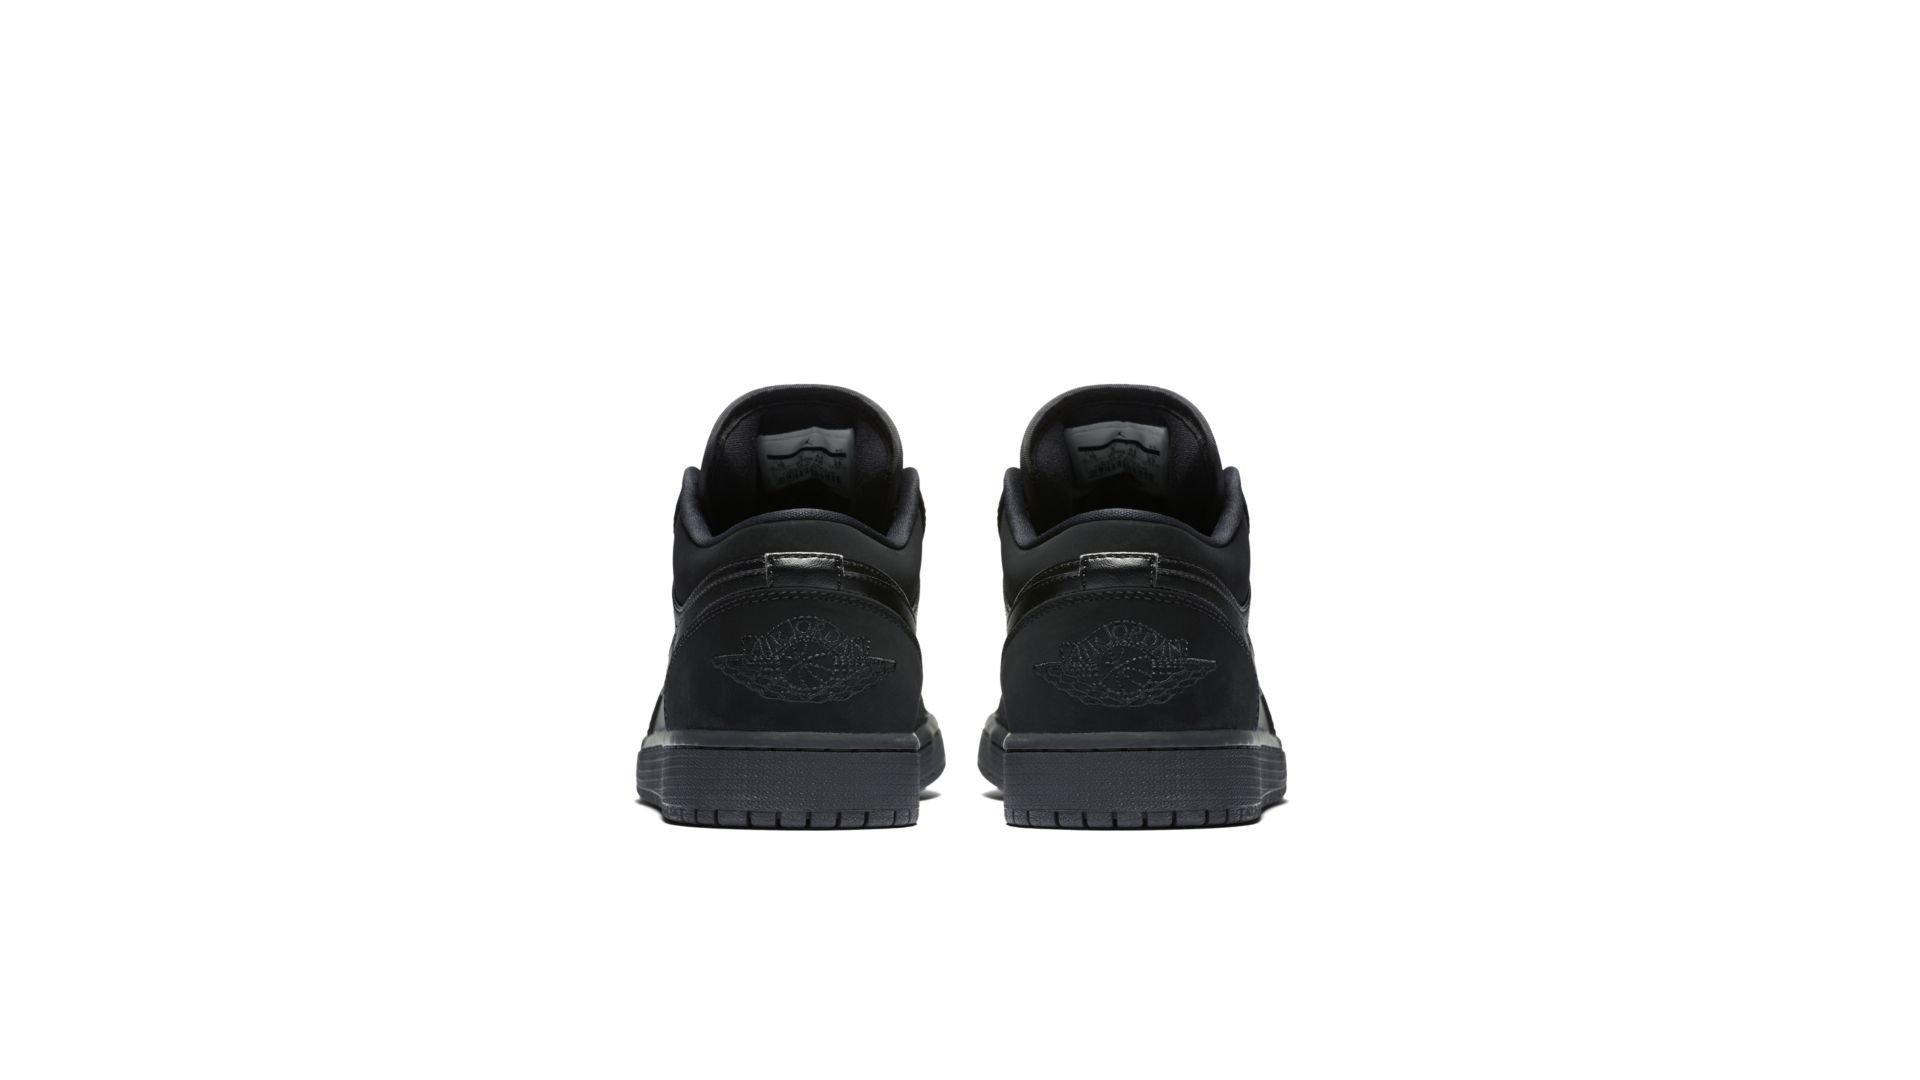 Jordan 1 Retro Low Triple Black (553558-025)